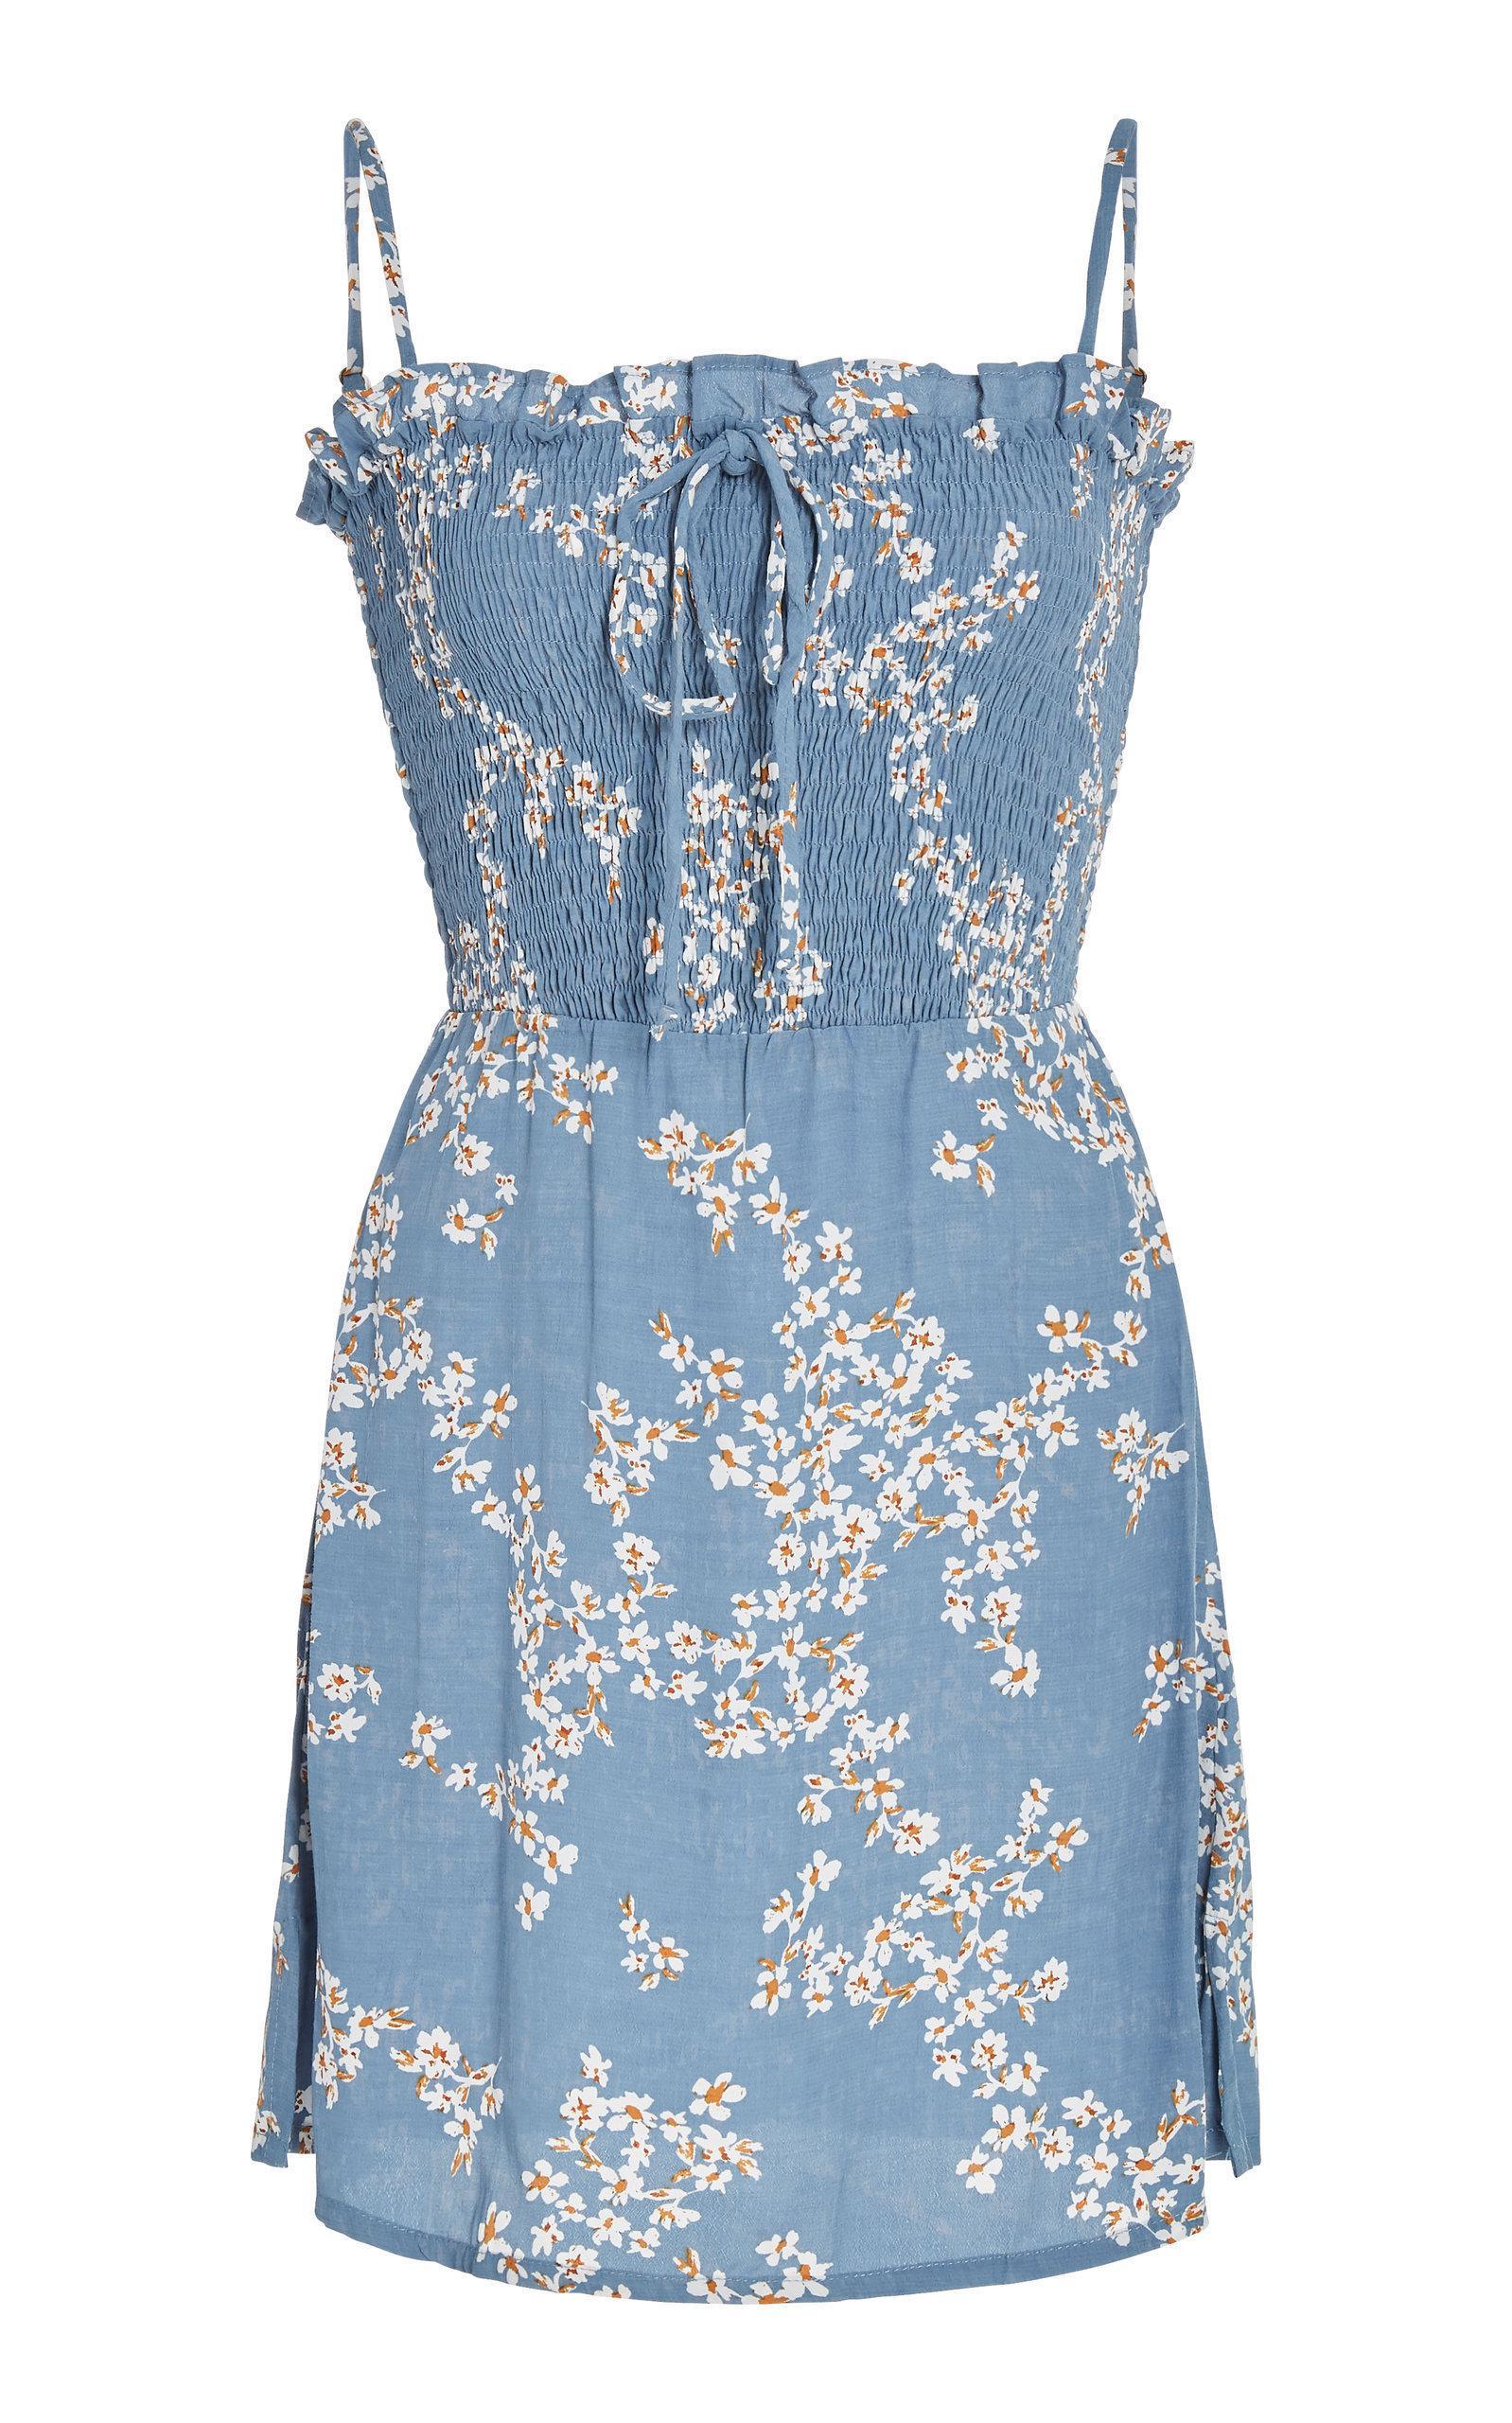 Marni Shirred Dress Faithfull The Brand wCyfB